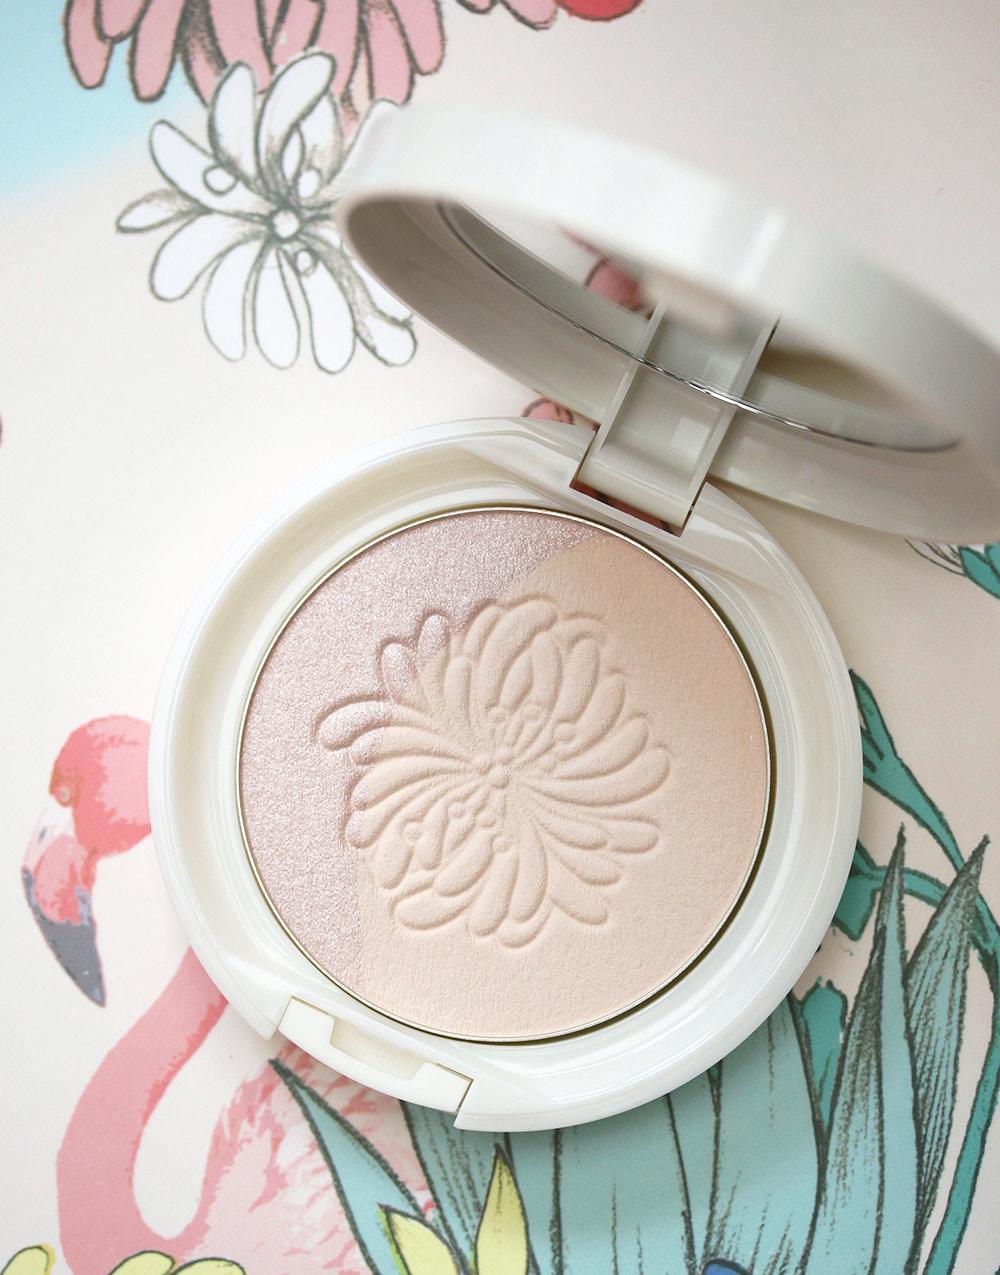 paul joe makeup collection a compact 3